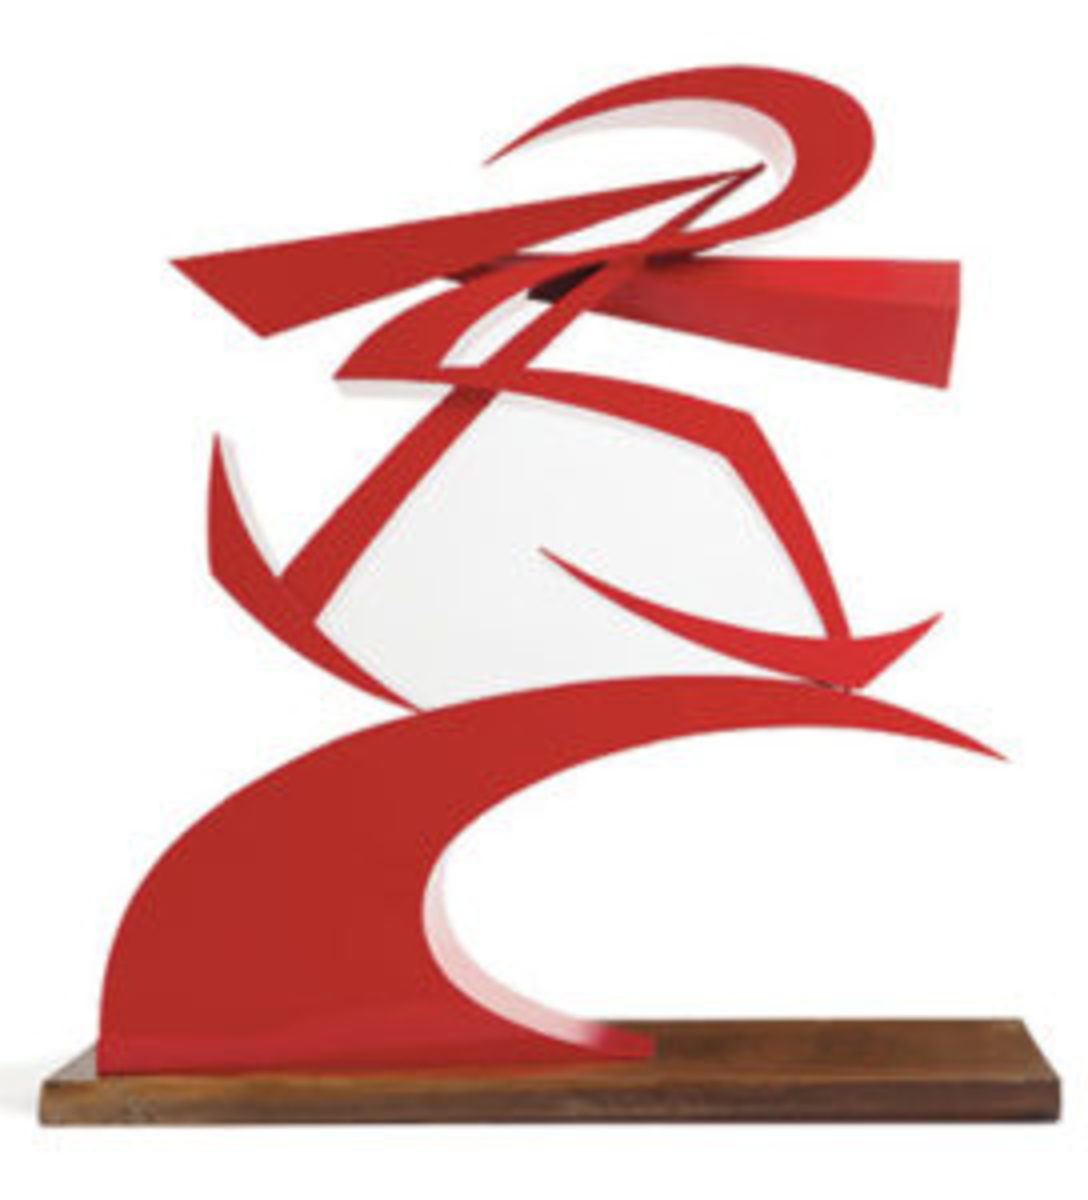 Red lacquer and cellulose nitrate on brass sculpture by Giacomo Balla (Italian, 1871–1958), titled Linee di forza del pugno di Boccioni II (1968), numbered 5/9; estimate: $50,000-$70,000.